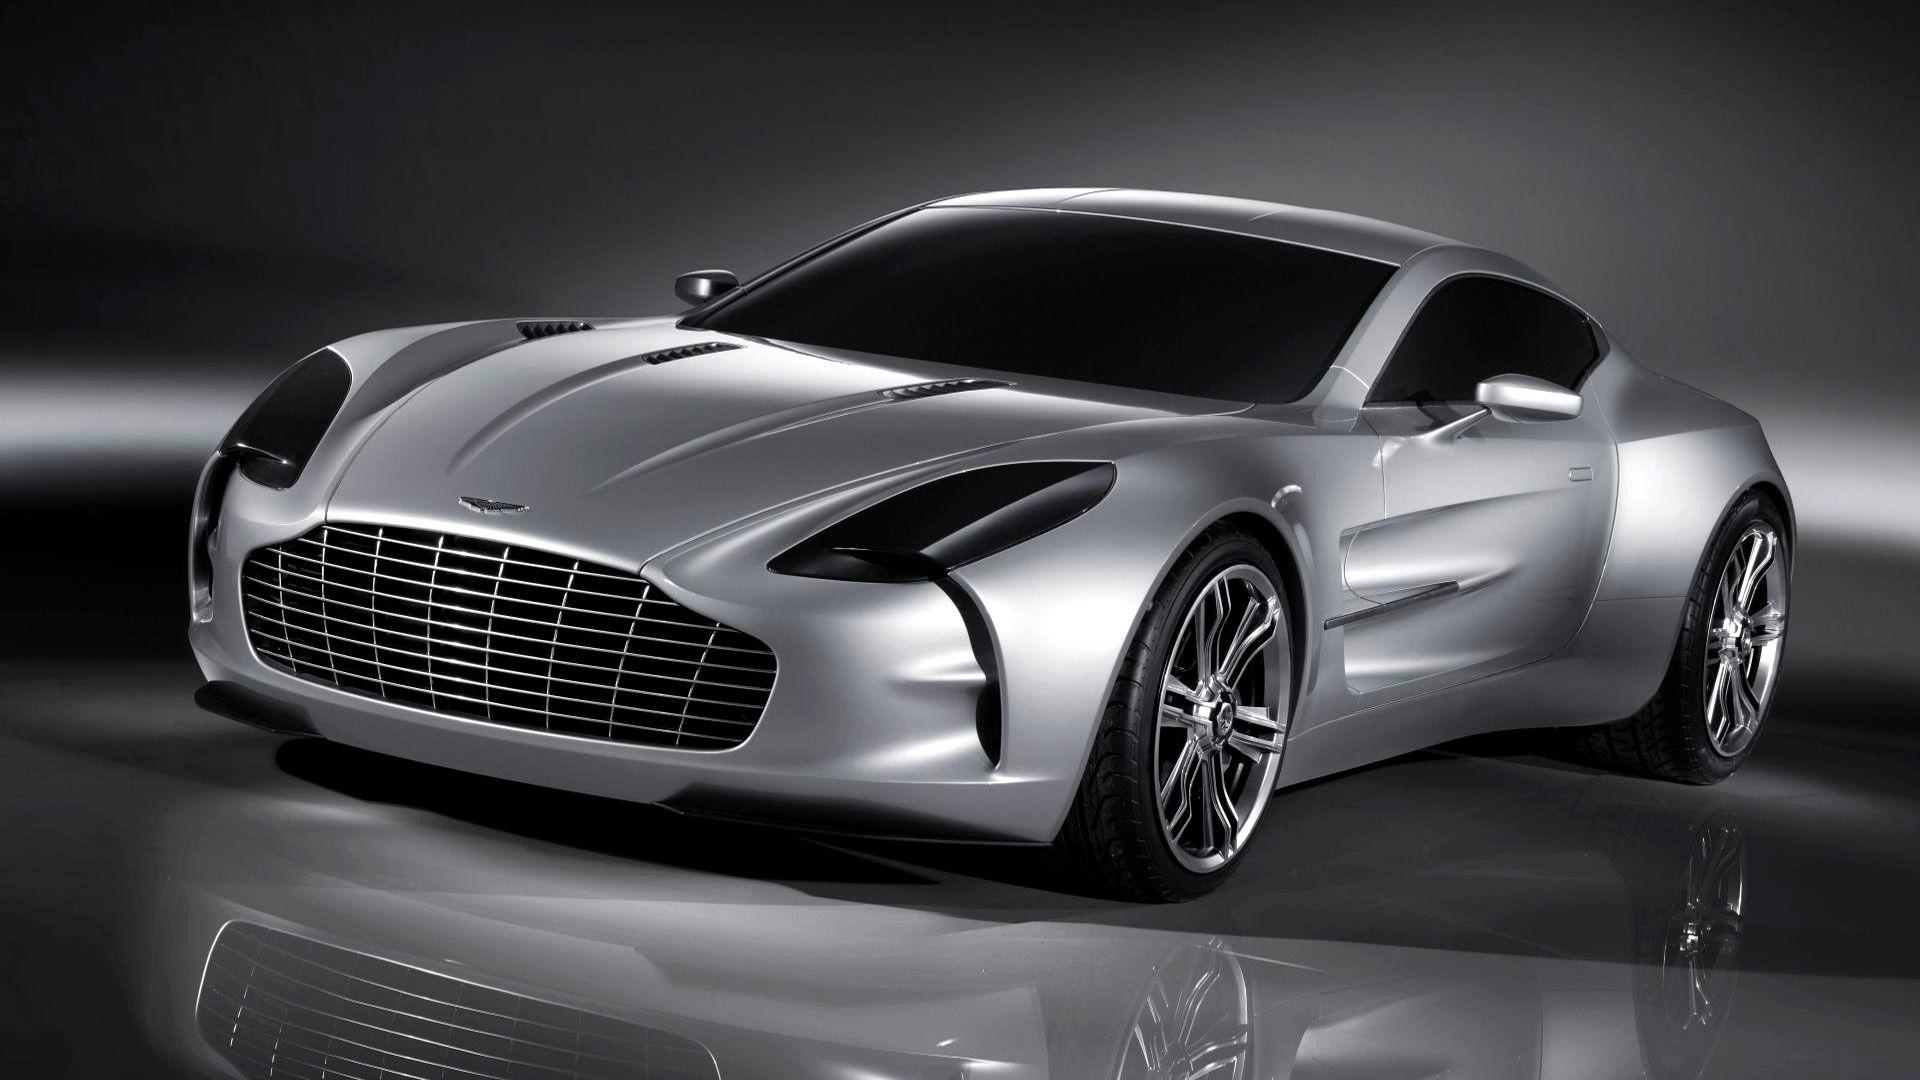 2009 Aston Martin One-77 Concept